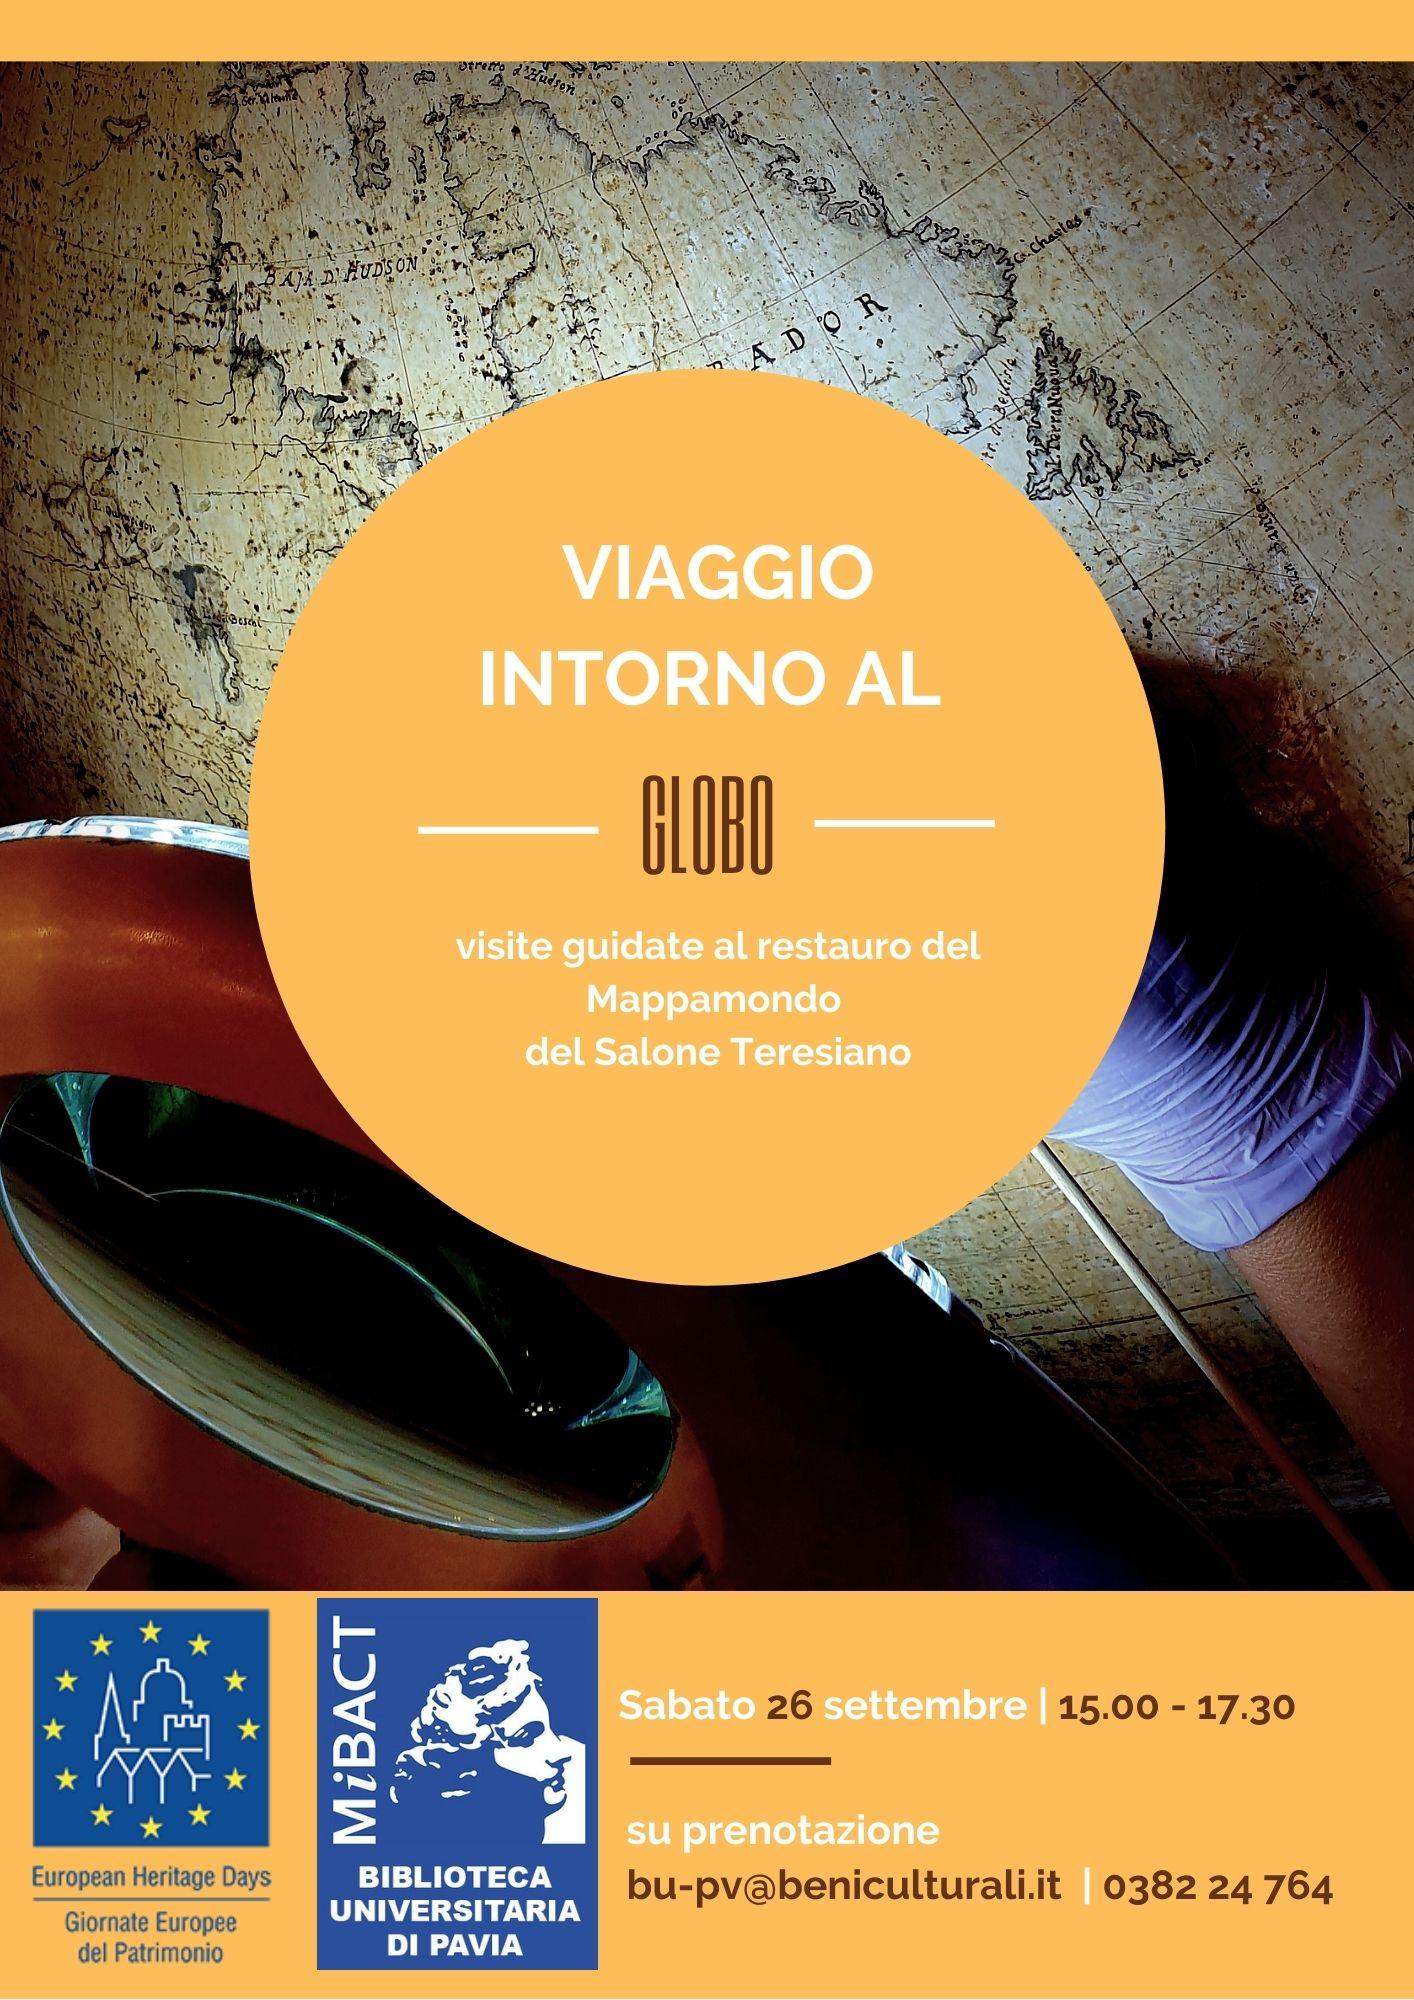 Viaggio intorno al Globo - Visite guidate al restauro del Mappamondo del Salone Teresiano - Locandina